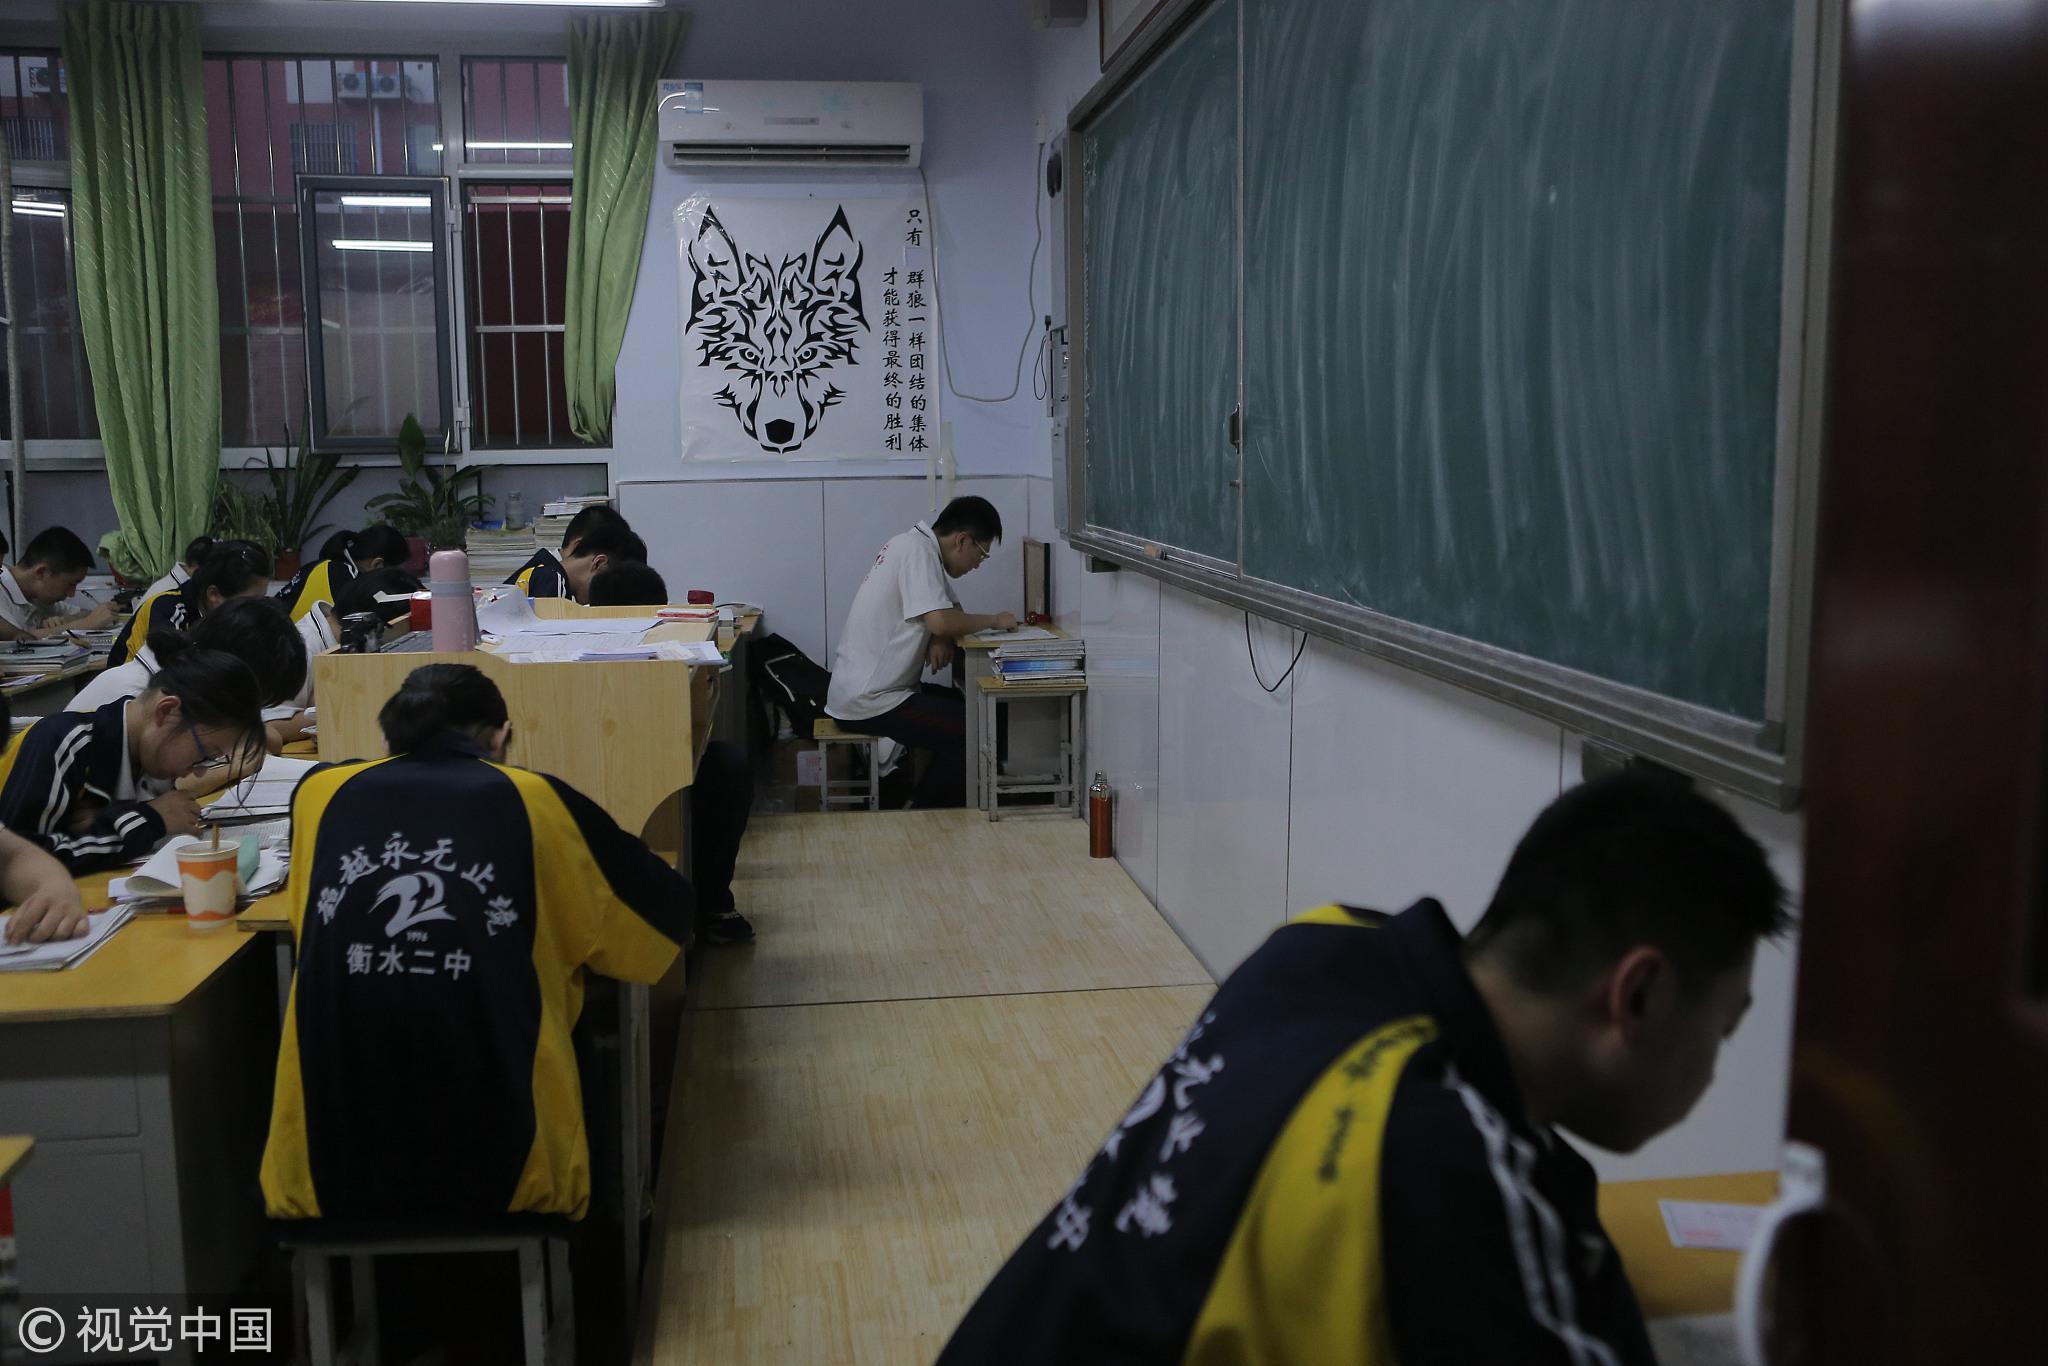 2018年5月3日,河北衡水二中高三学生在教室内学习 / 视觉中国